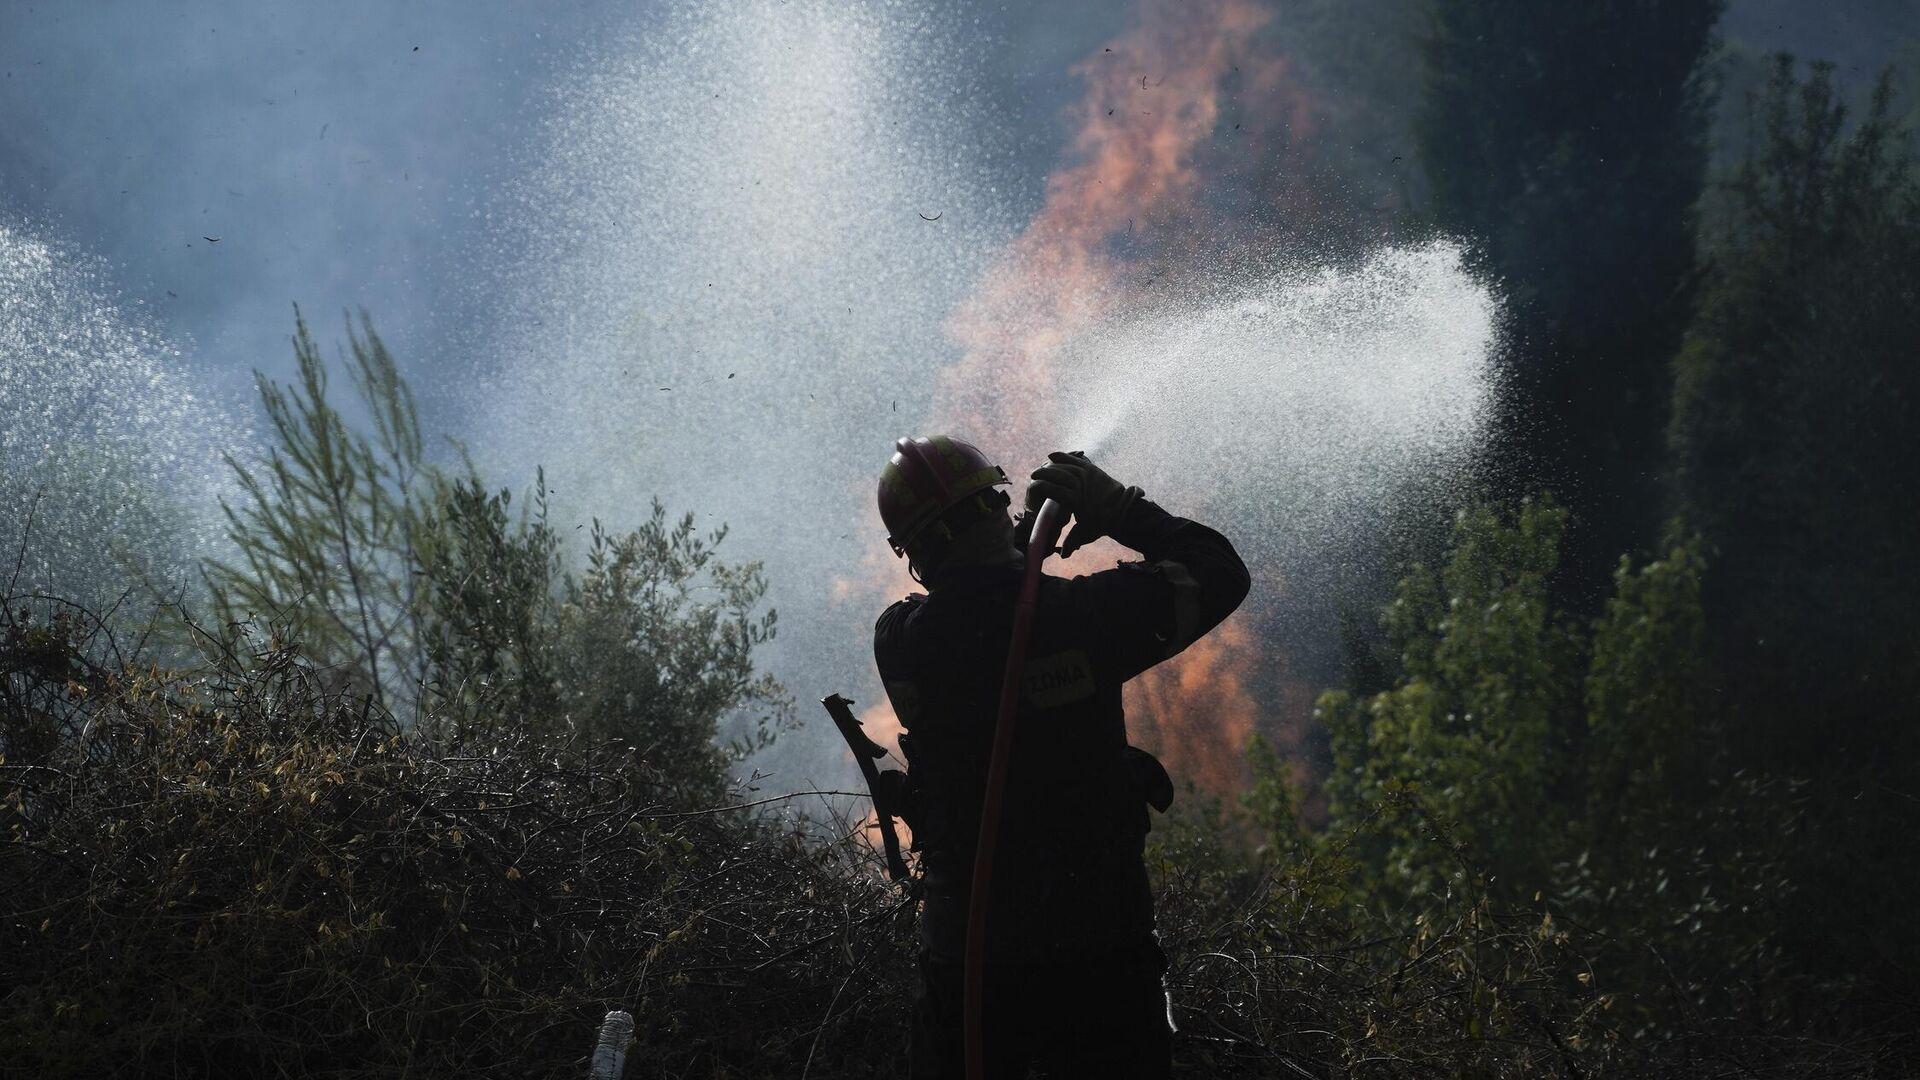 Πυροσβέστες και κάτοικοι προσπαθούν να ελέγξουν την πυρκαγιά έξω από το χωριό Νεοχώρι Γορτυνίας - Sputnik Ελλάδα, 1920, 12.08.2021